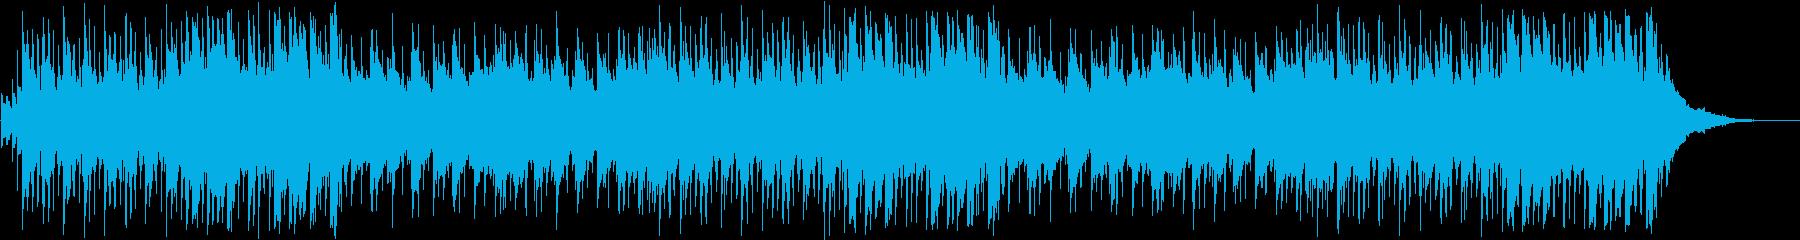 渋めで切ないメロウなファンクの再生済みの波形